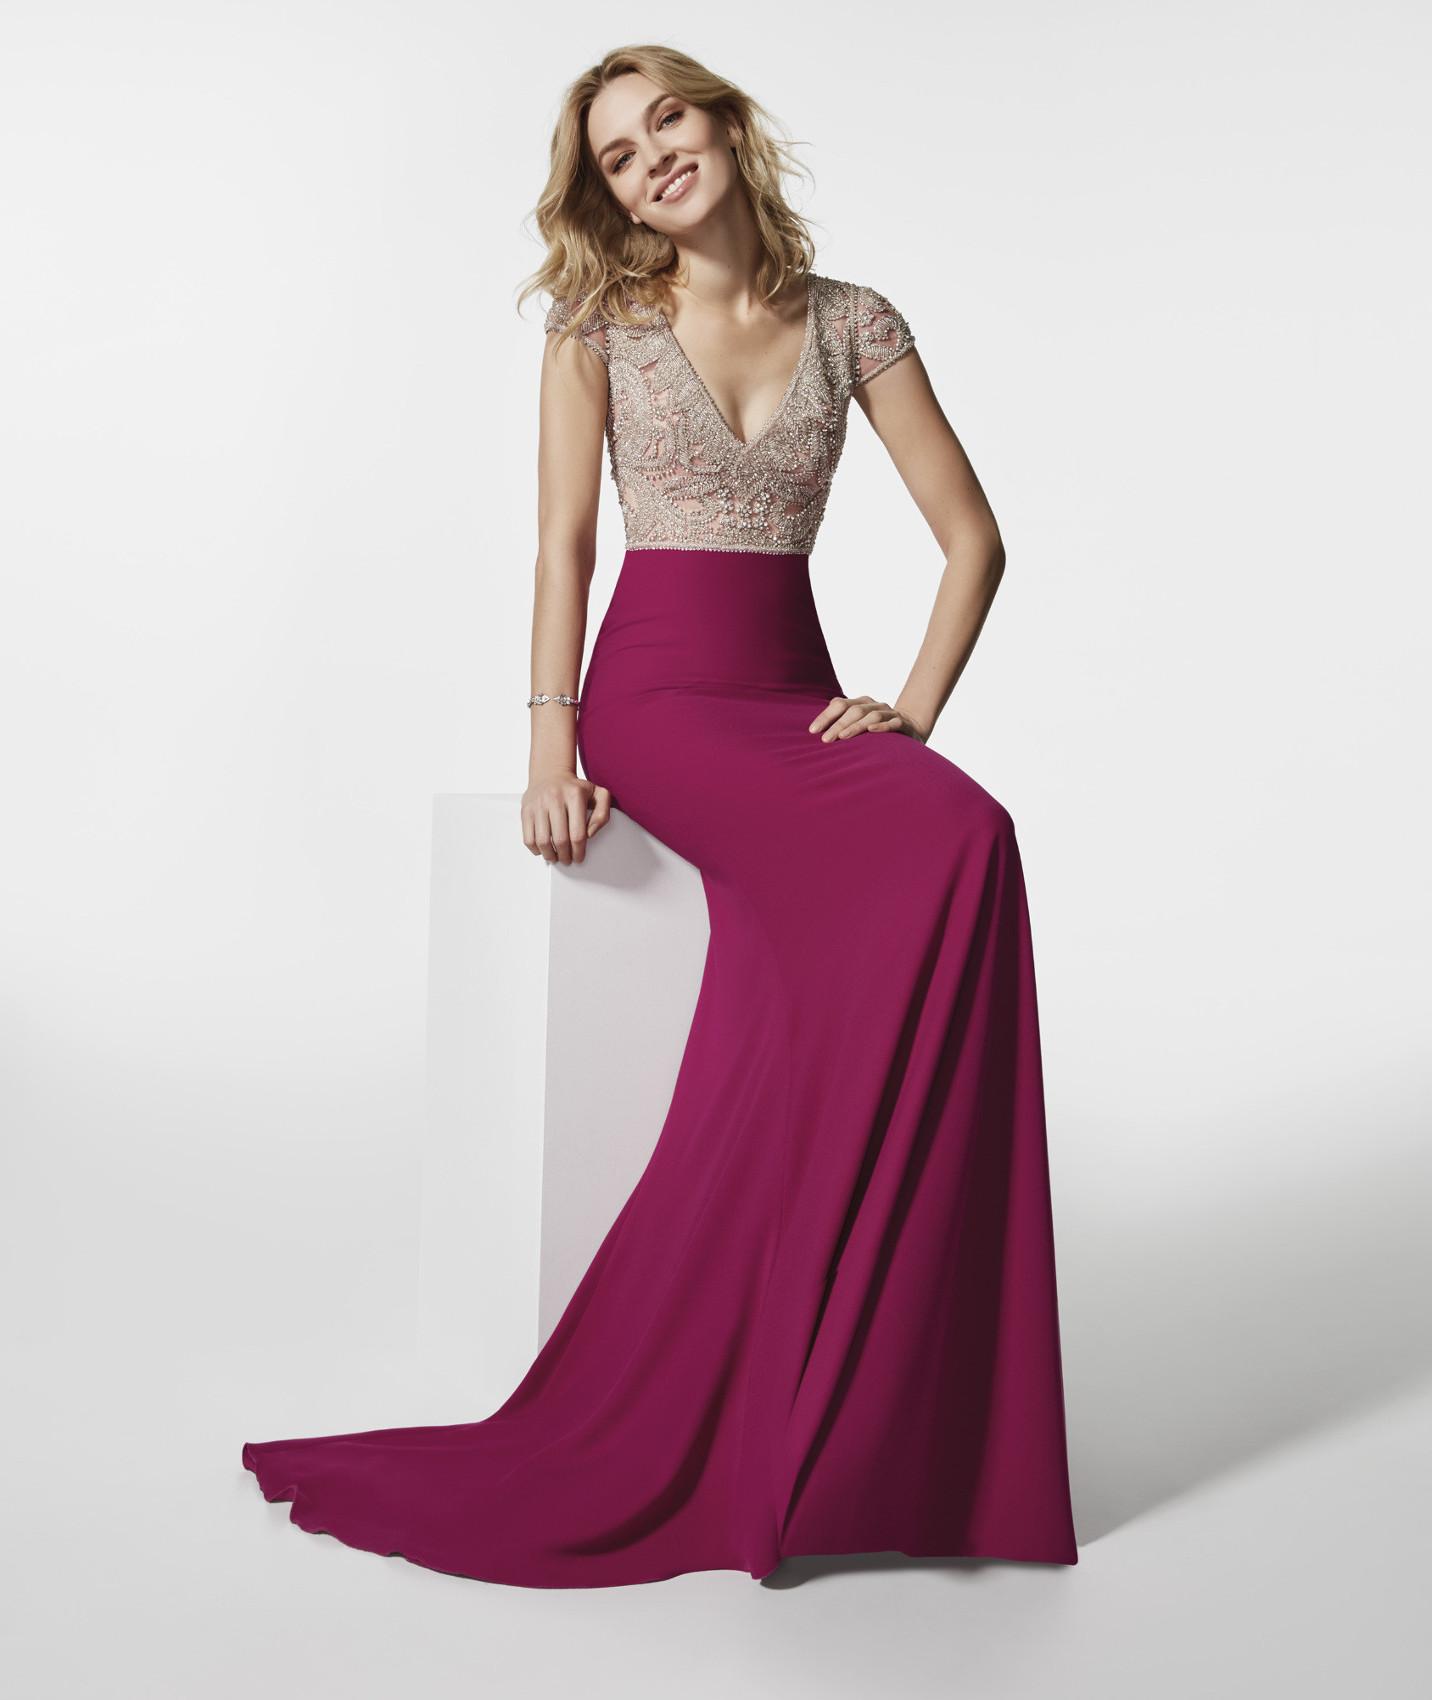 Gremia suknelė